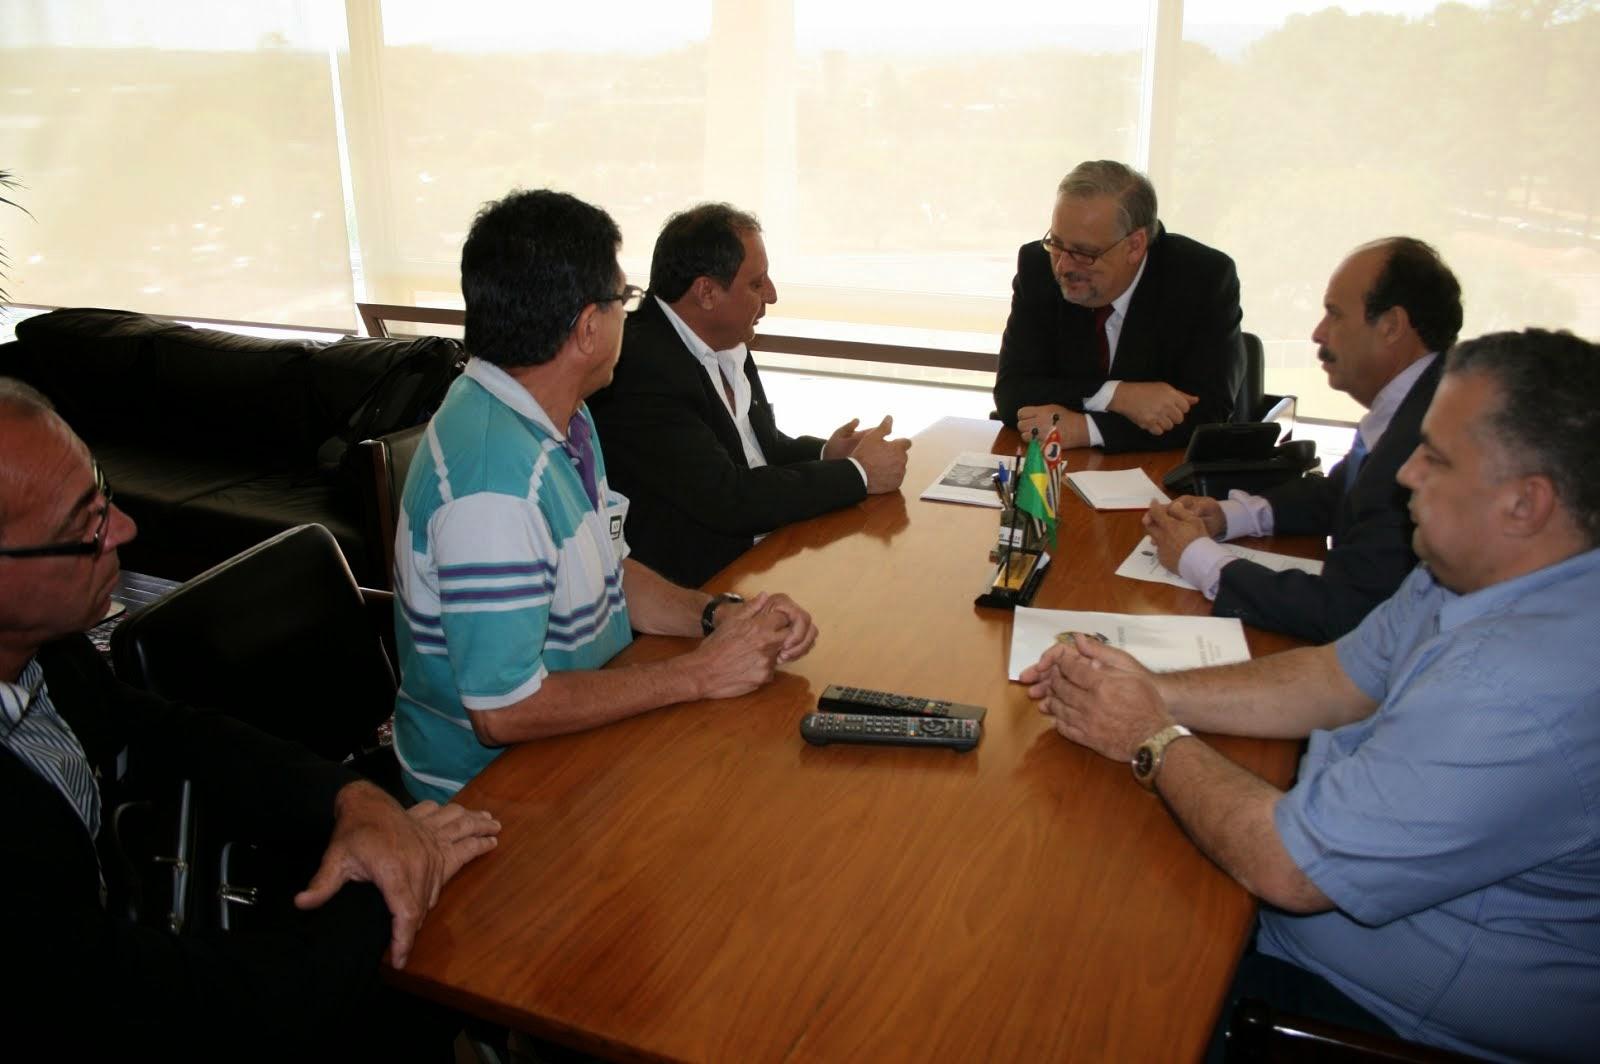 QPS E LIDERANÇA DE MINAS/BARBACENA AUDIÊNCIA COM MINISTRO RICARDO BERZOINI 7/8/14